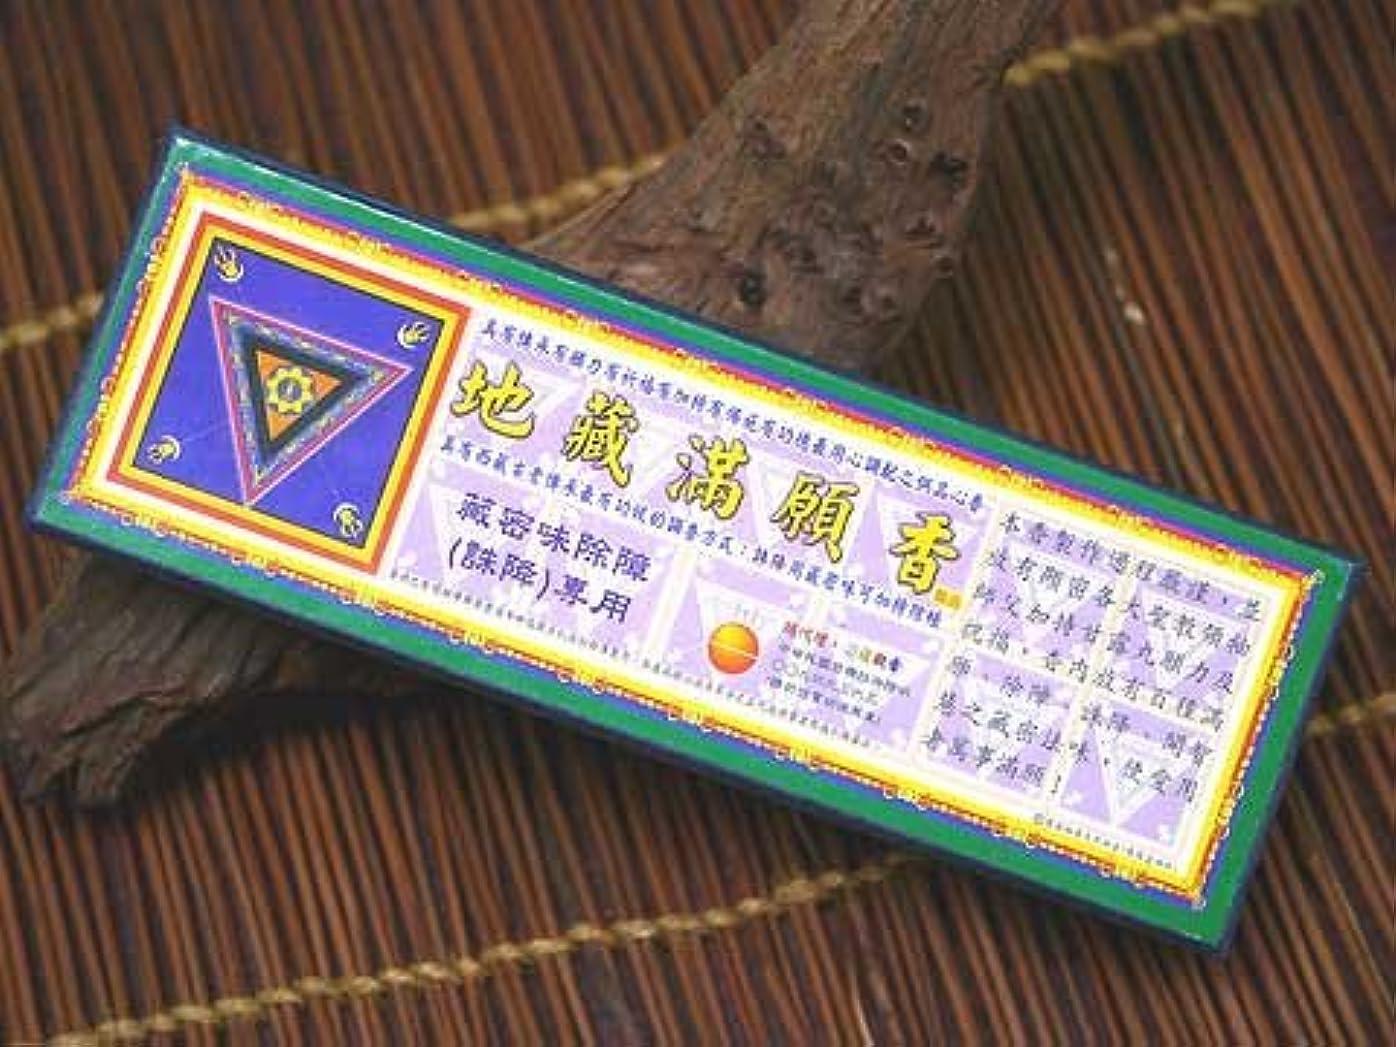 アラブ不倫歪める地蔵満願香 台湾のお香 彩蓮観音 地蔵満願香 おタイプ